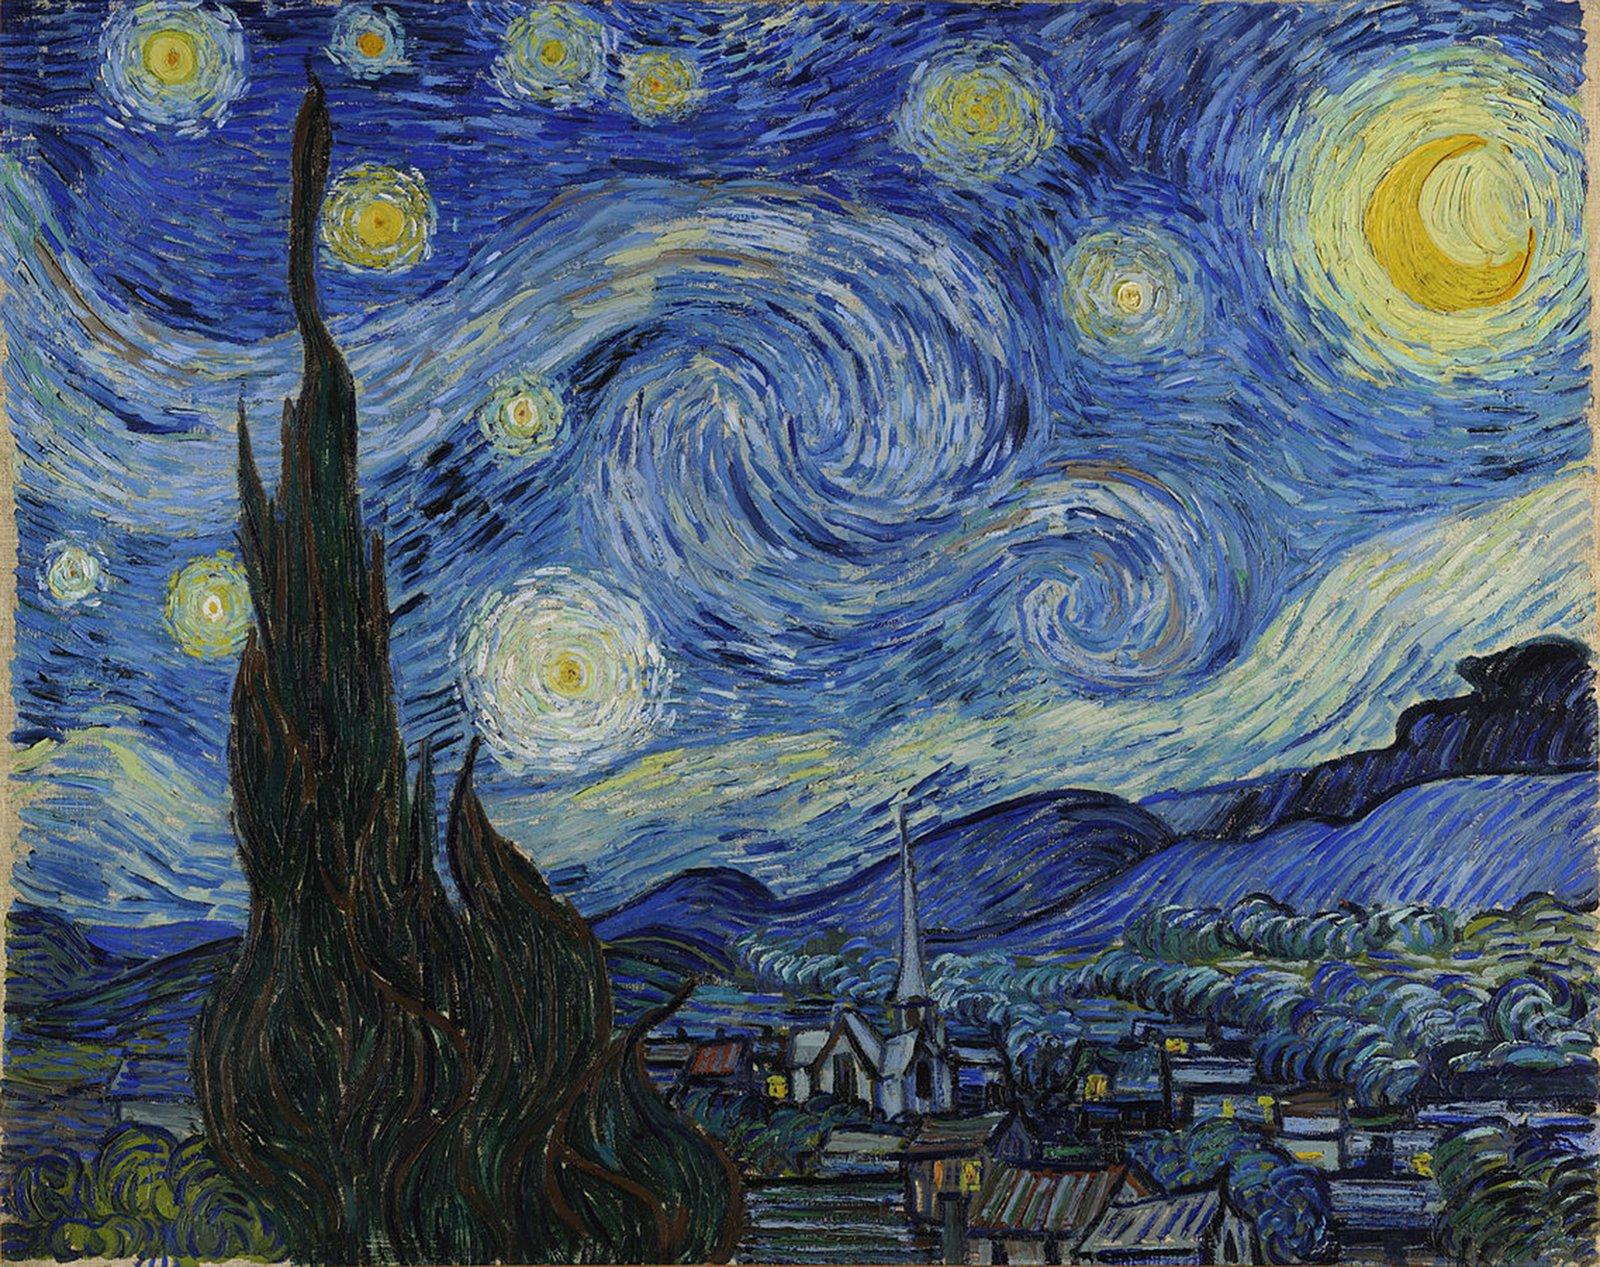 Gwiaździsta noc (Cyprysy iwieś) Źródło: Vincent van Gogh, Gwiaździsta noc (Cyprysy iwieś), 1889, olej na płótnie, domena publiczna.